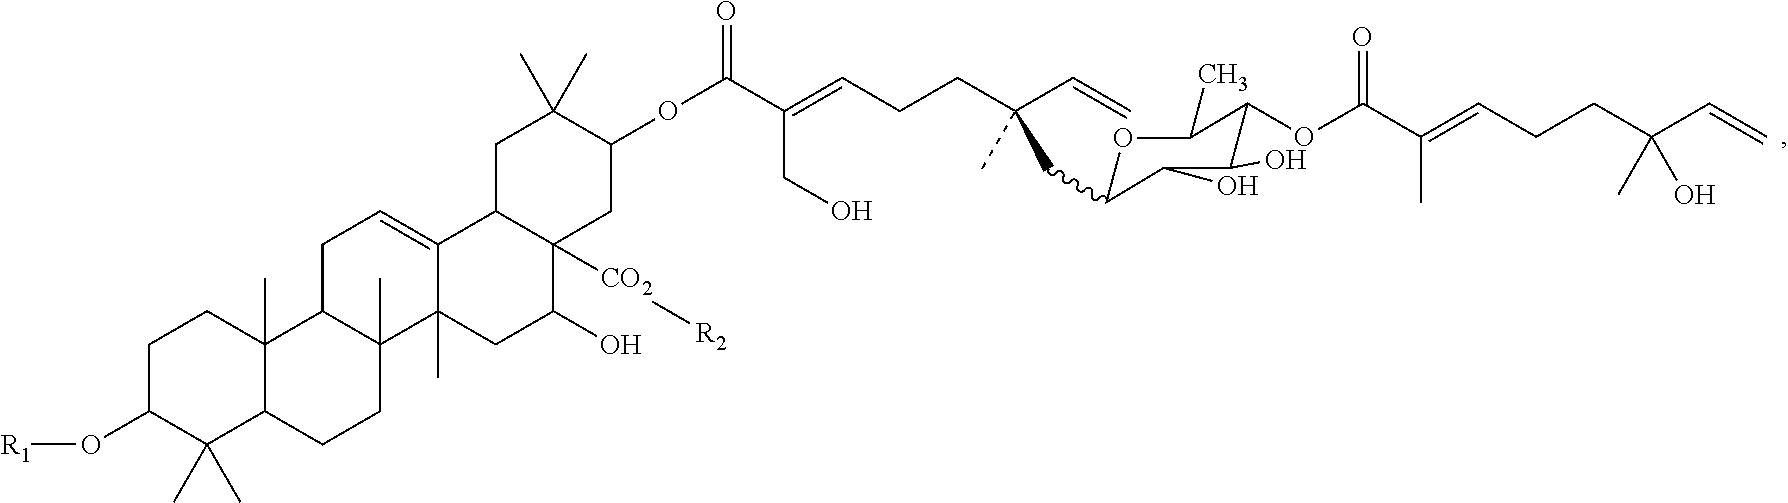 Figure US08324177-20121204-C00005